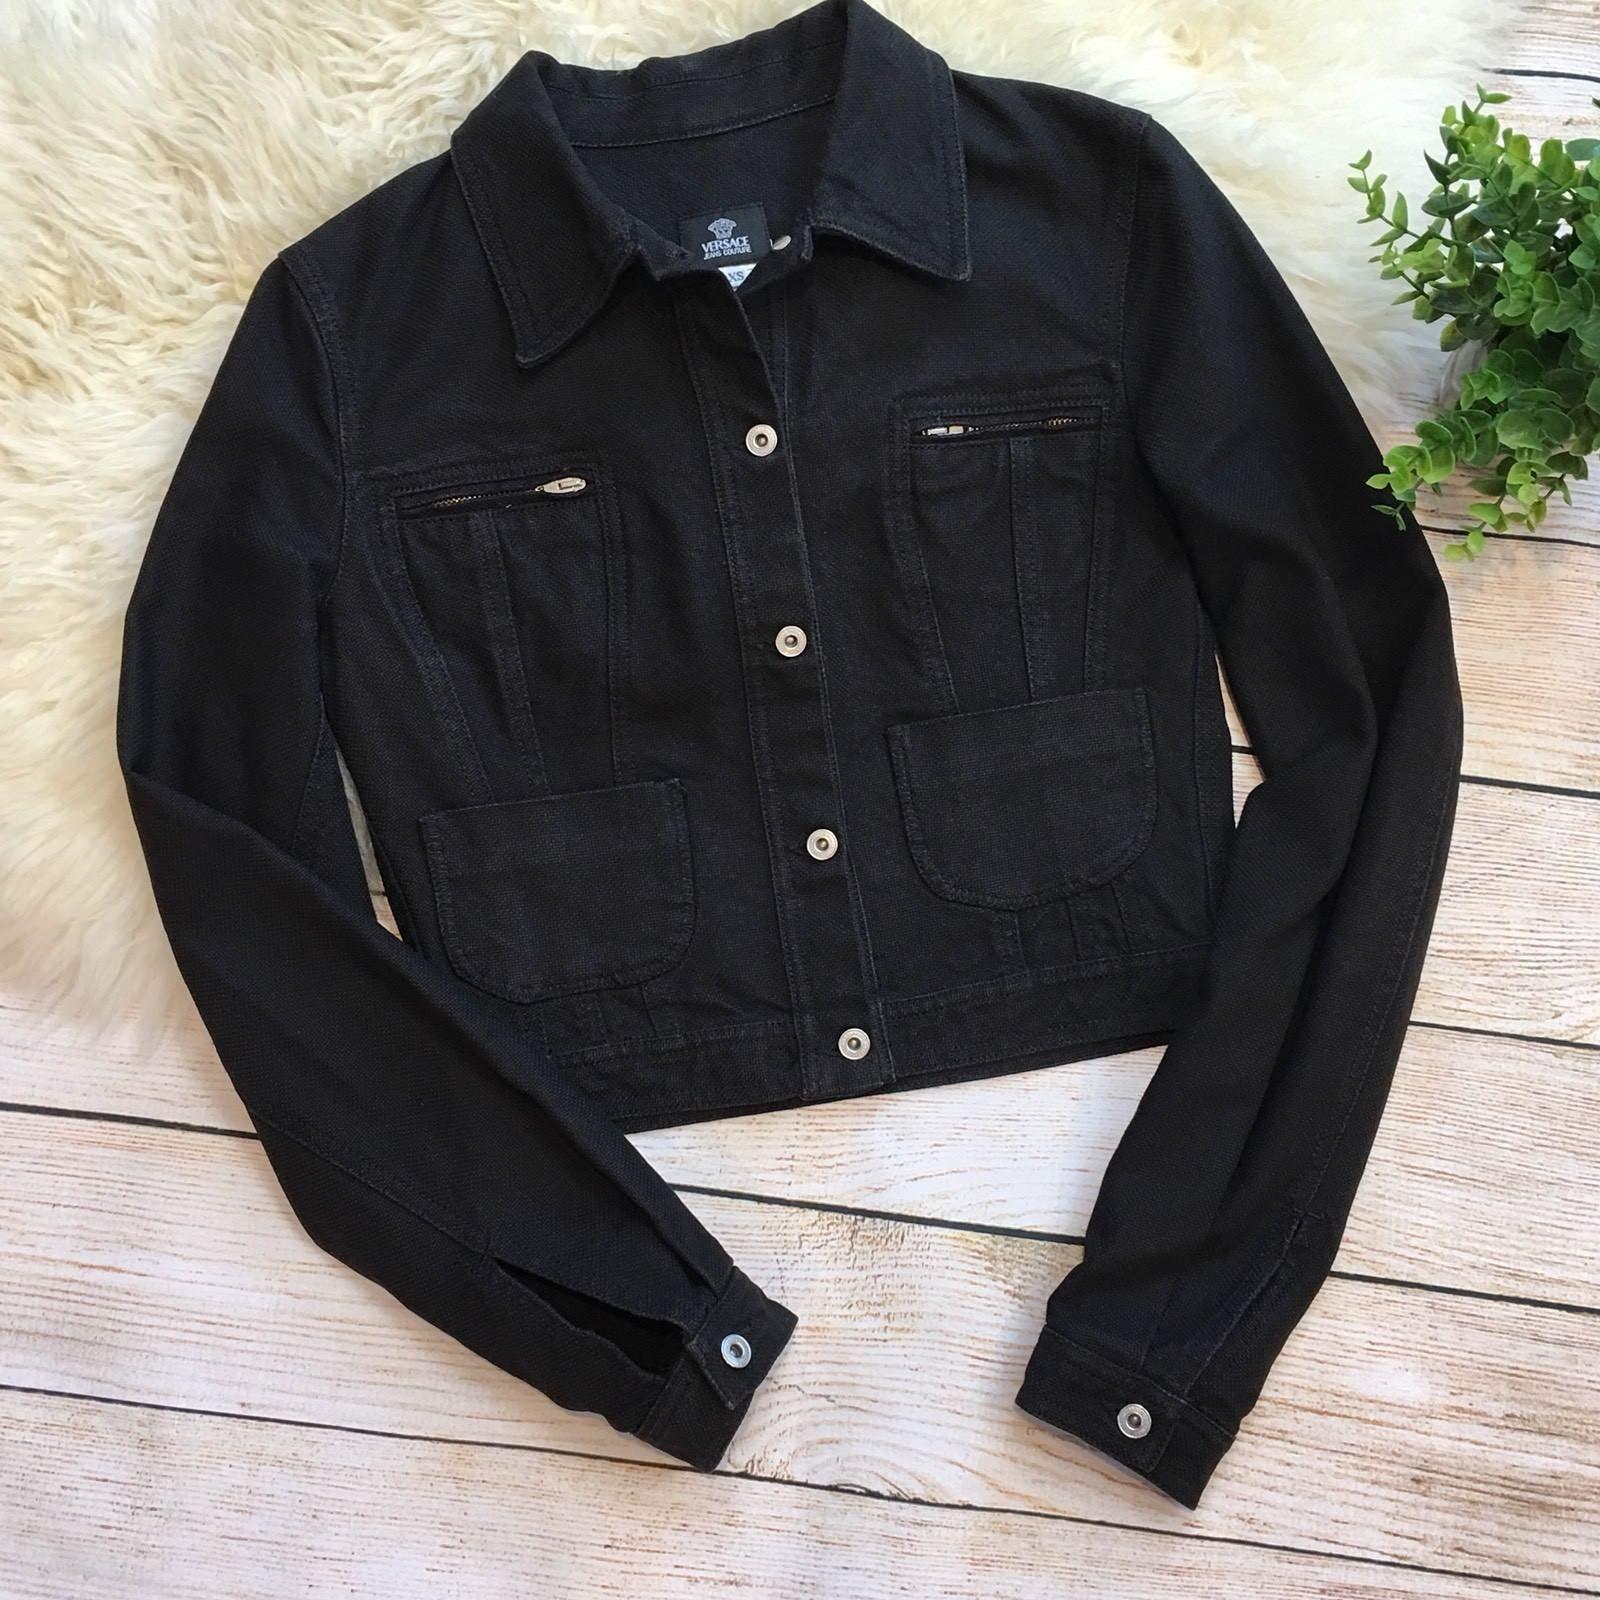 165 00 Versace Jeans Couture Black Denim Jean Jacket Women S Xs Vintage Versace Jeans Couture Jean Jacket Women Black Denim Jacket Black Denim Jeans